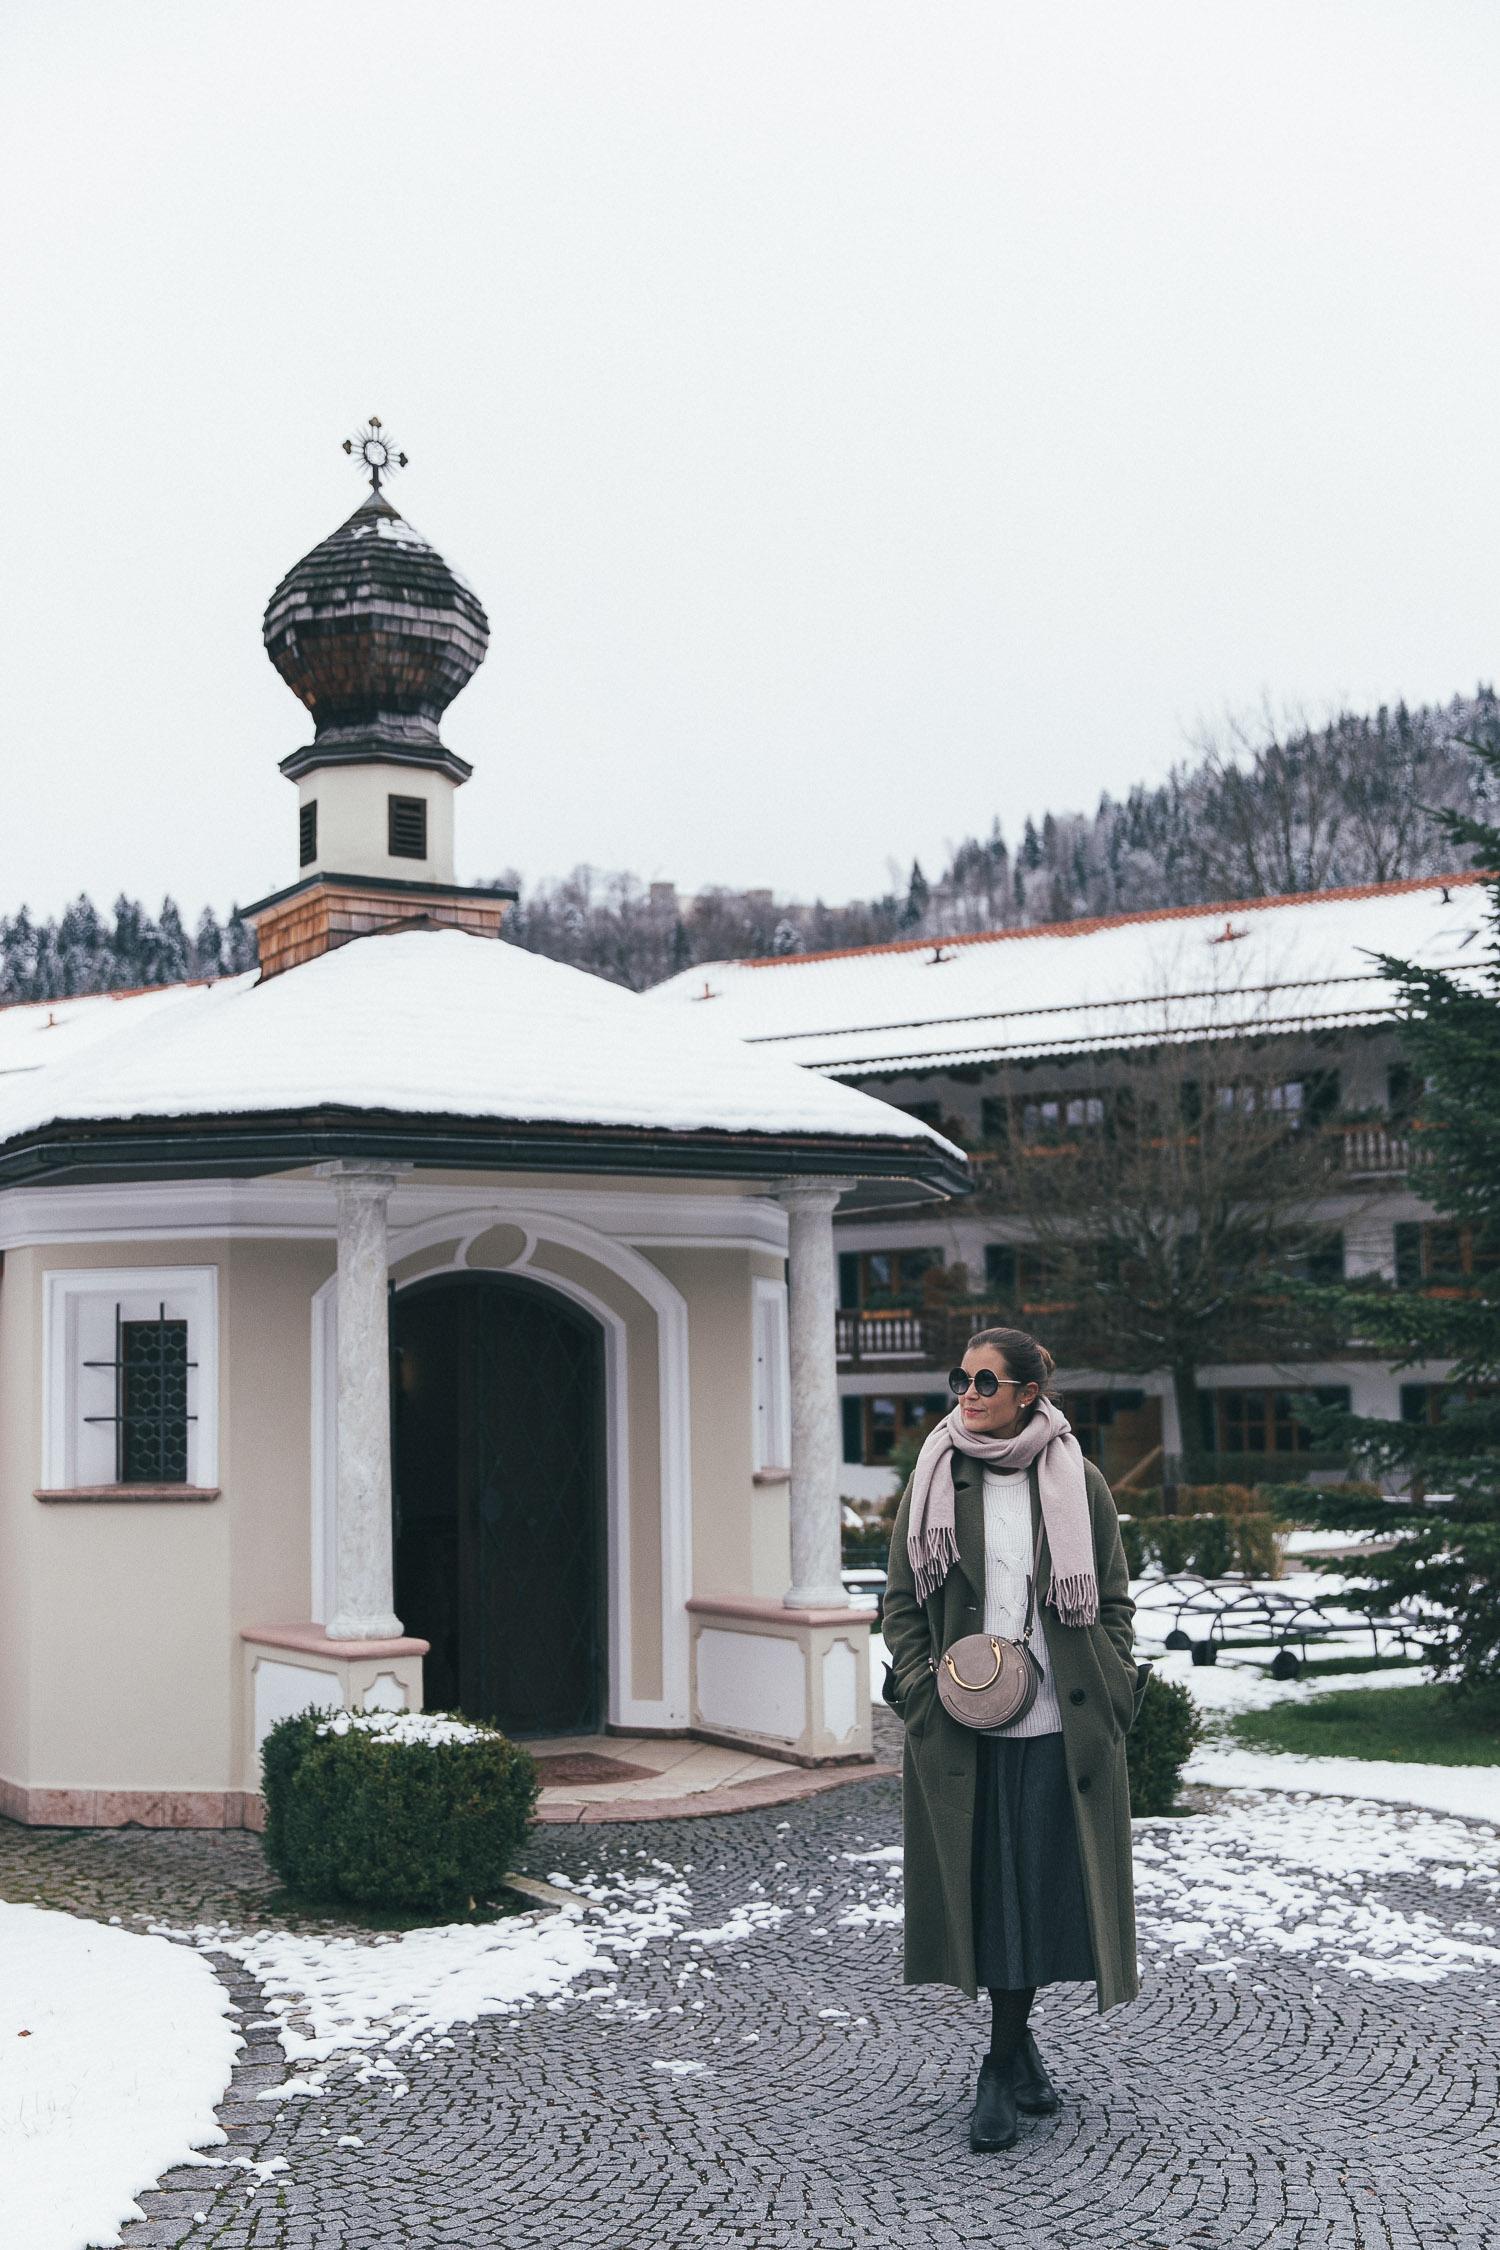 Traumziel im Winter: der Tegernsee